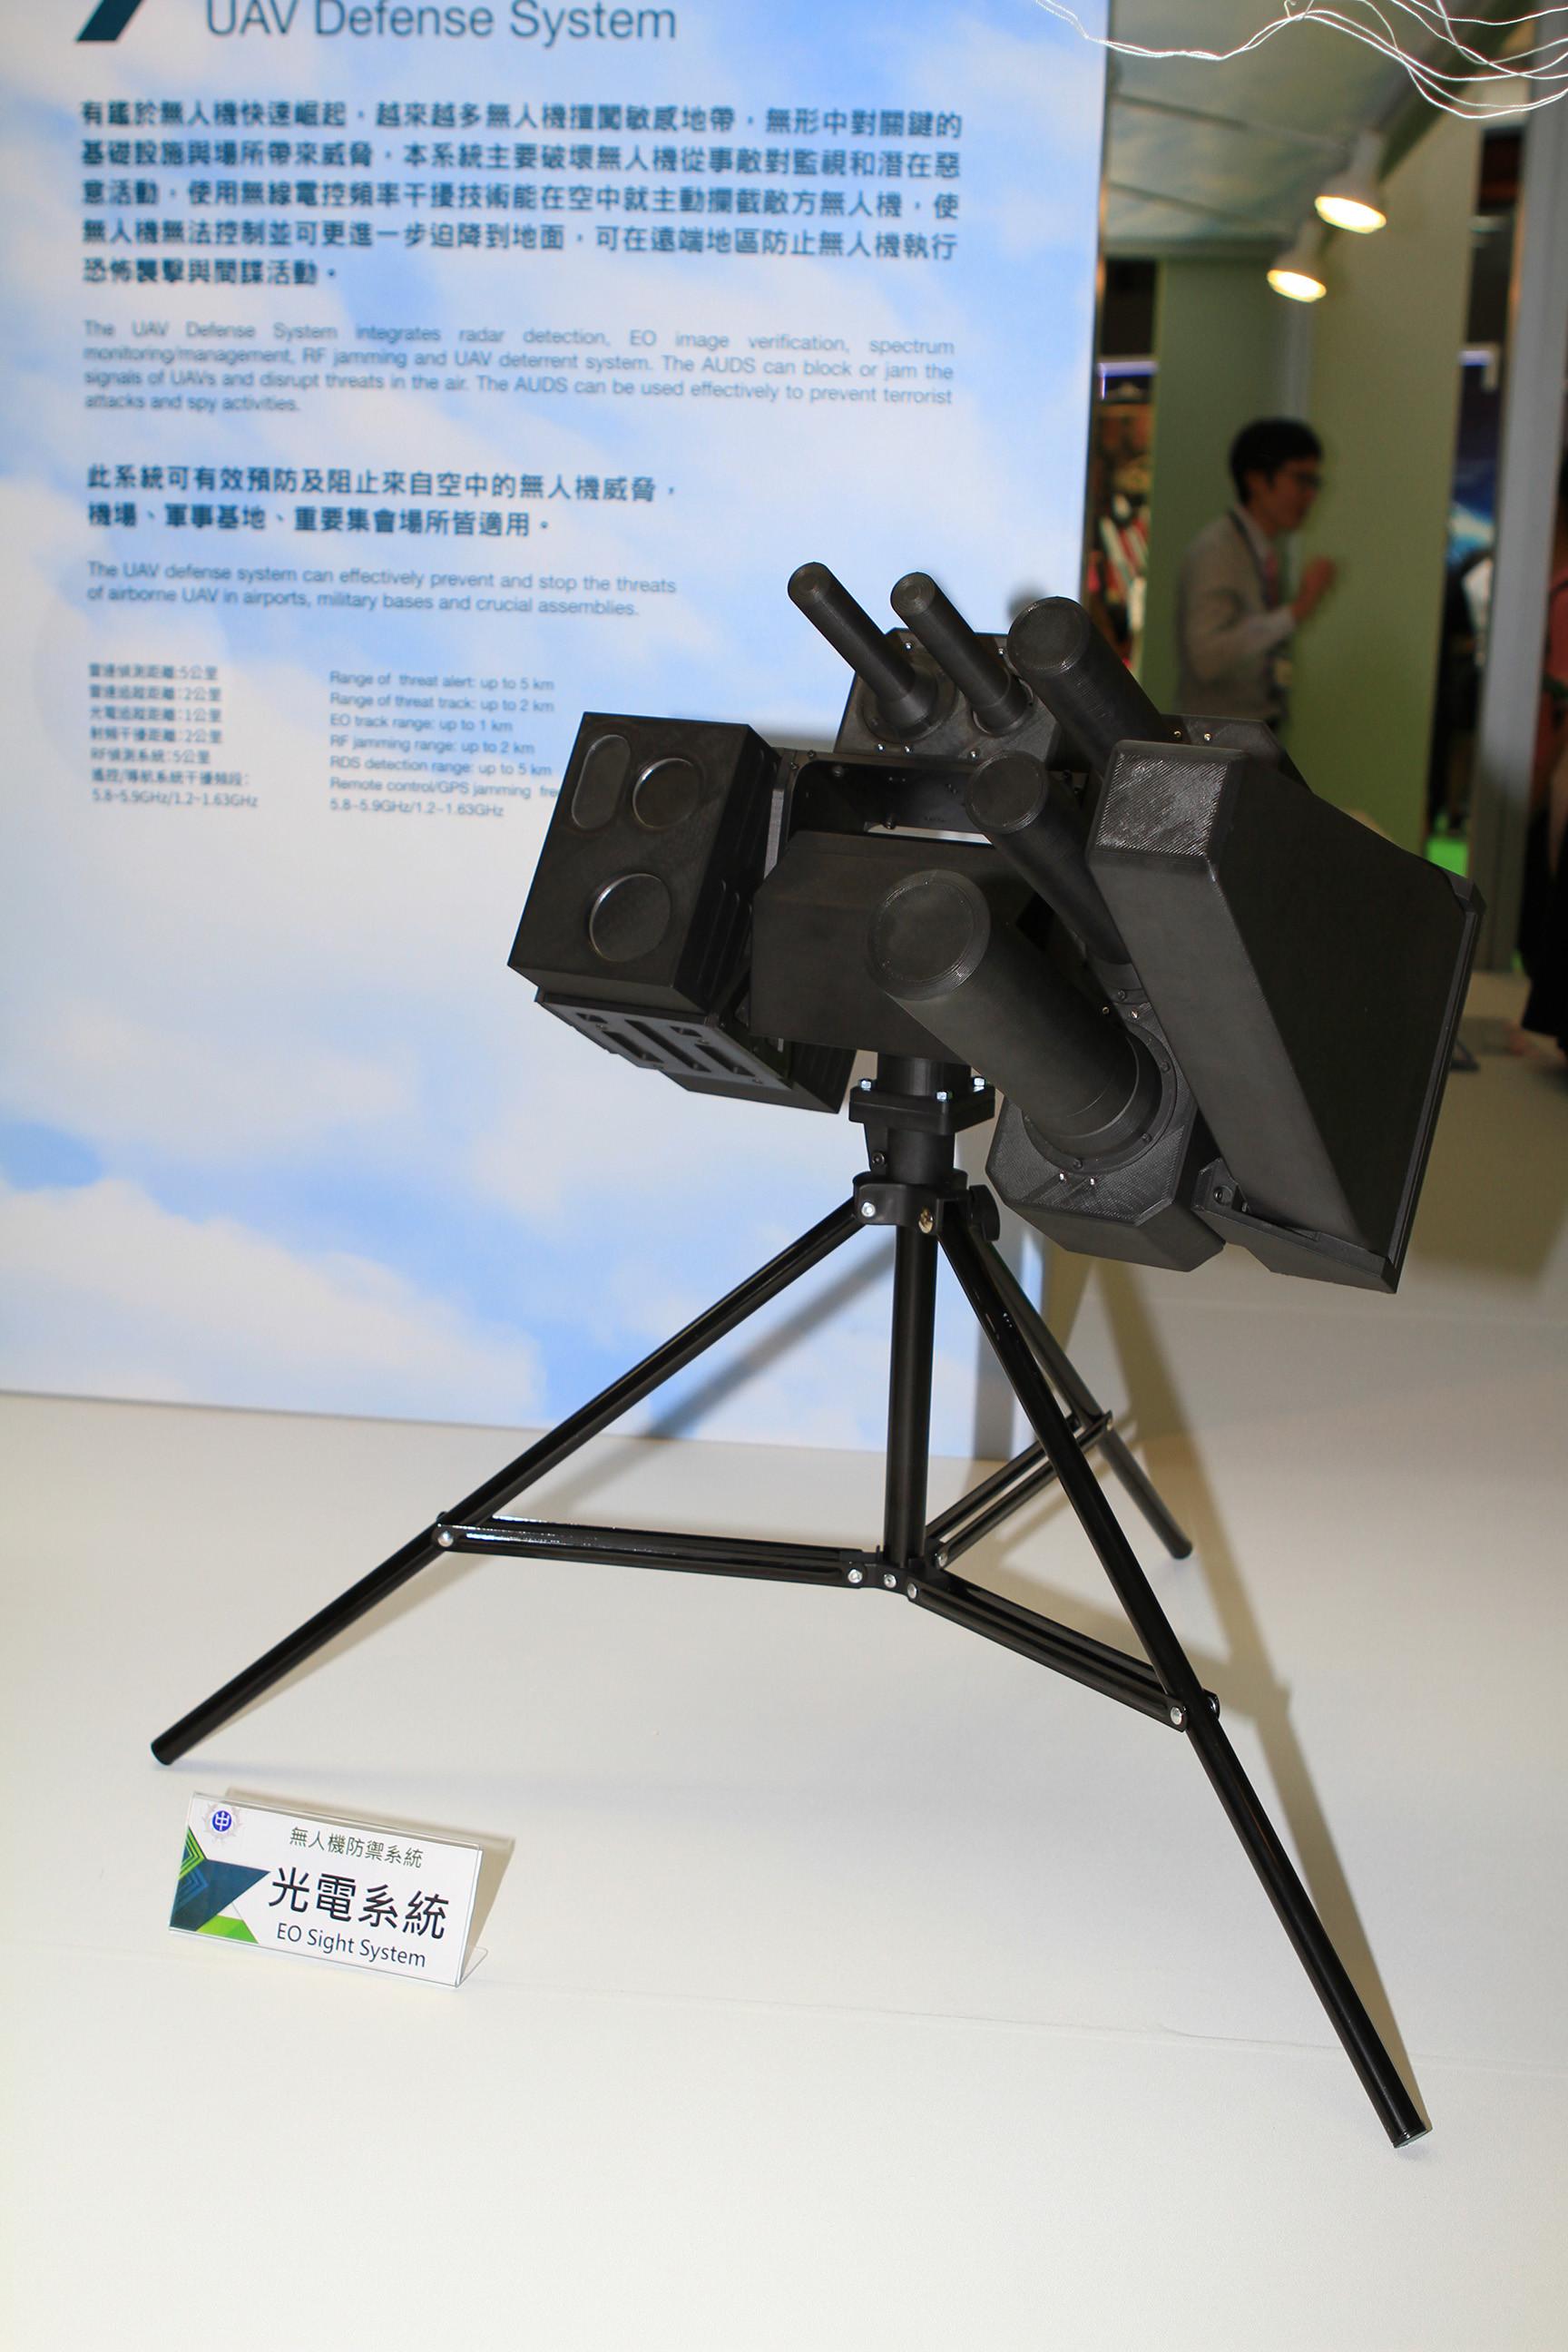 解放軍,無人機,國軍,中科院,台北航太展,防空飛彈